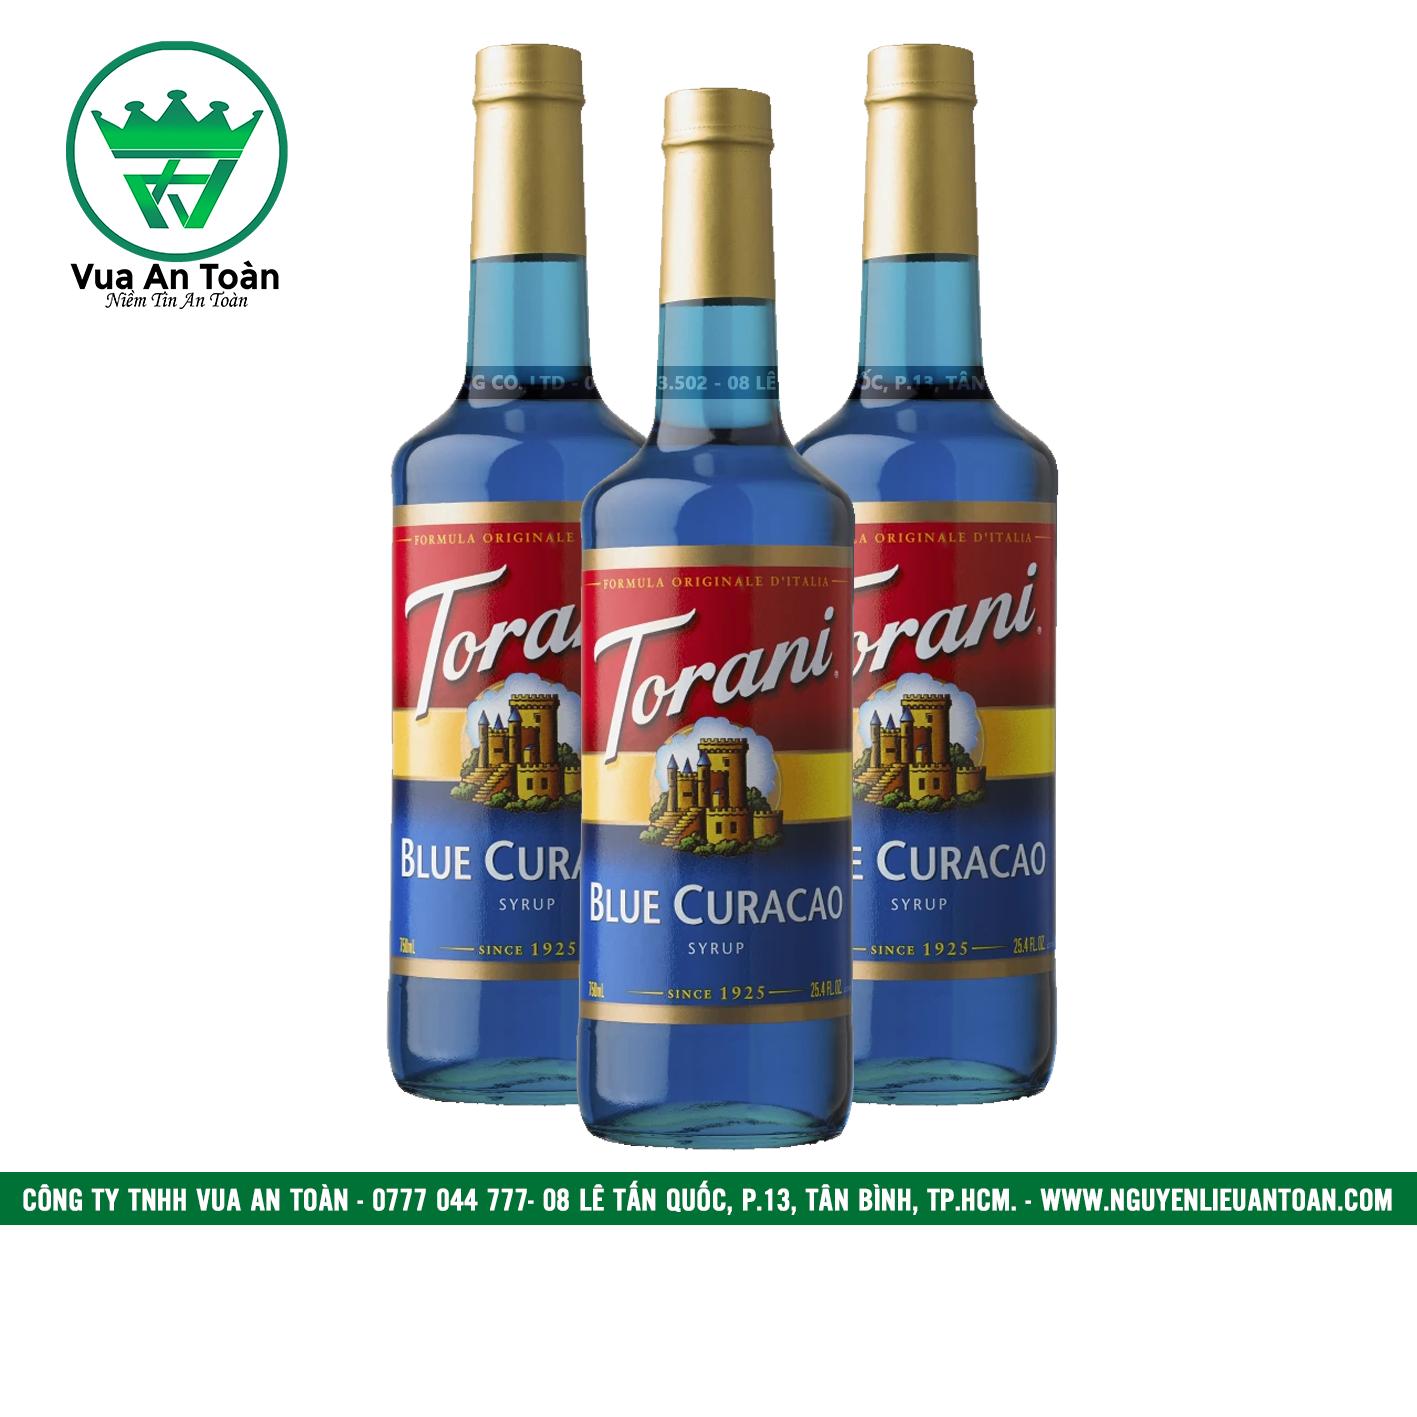 Torani Blue Curacao Syrup